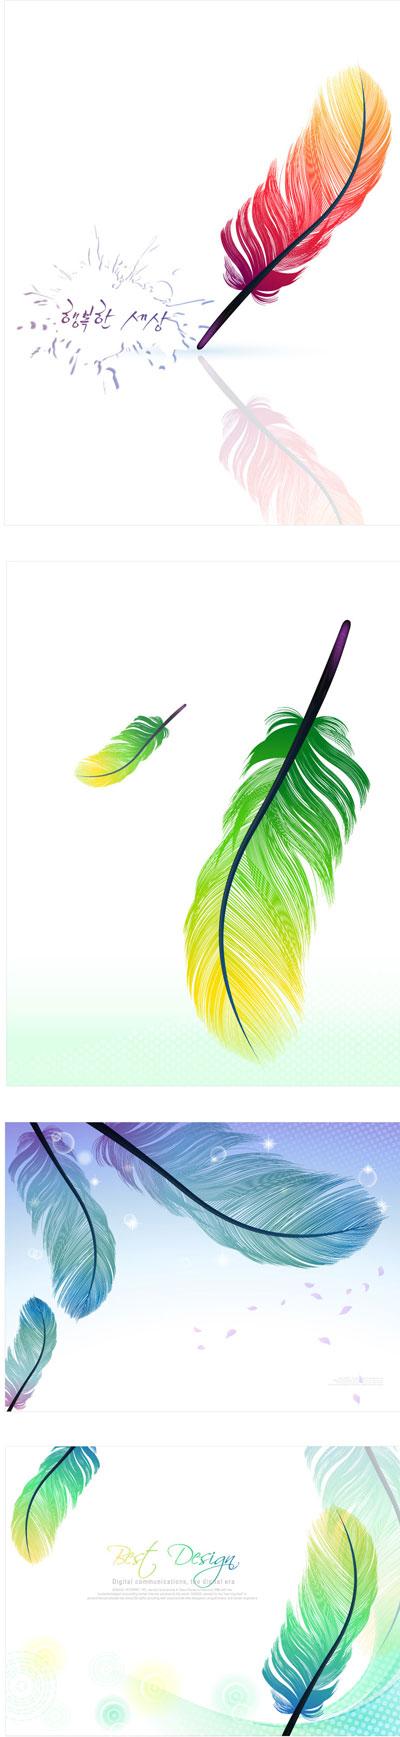 цветные перья вектор